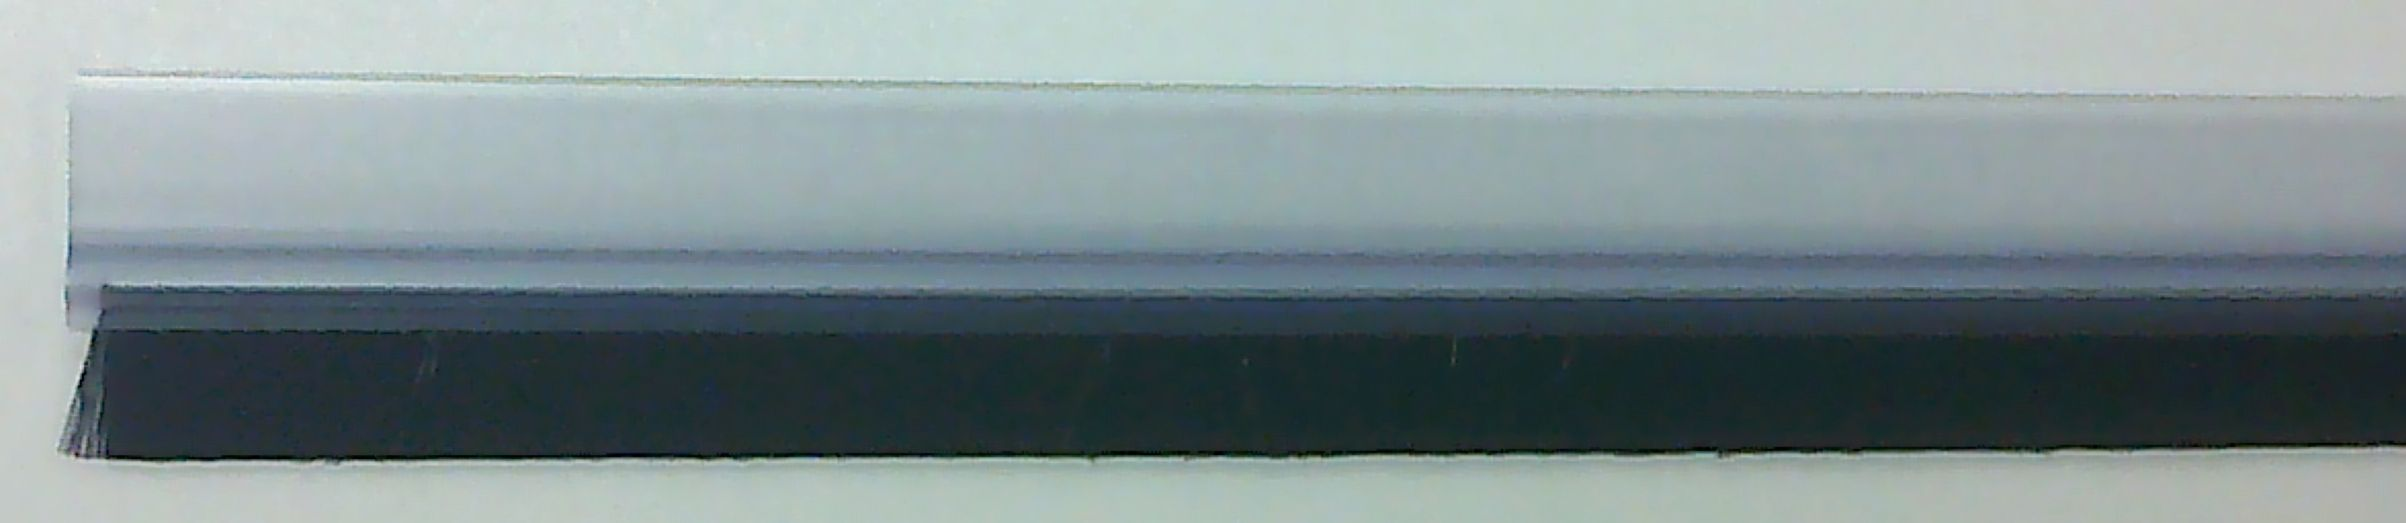 Kartáčová těsnící lišta na dveře transparentní (88018)